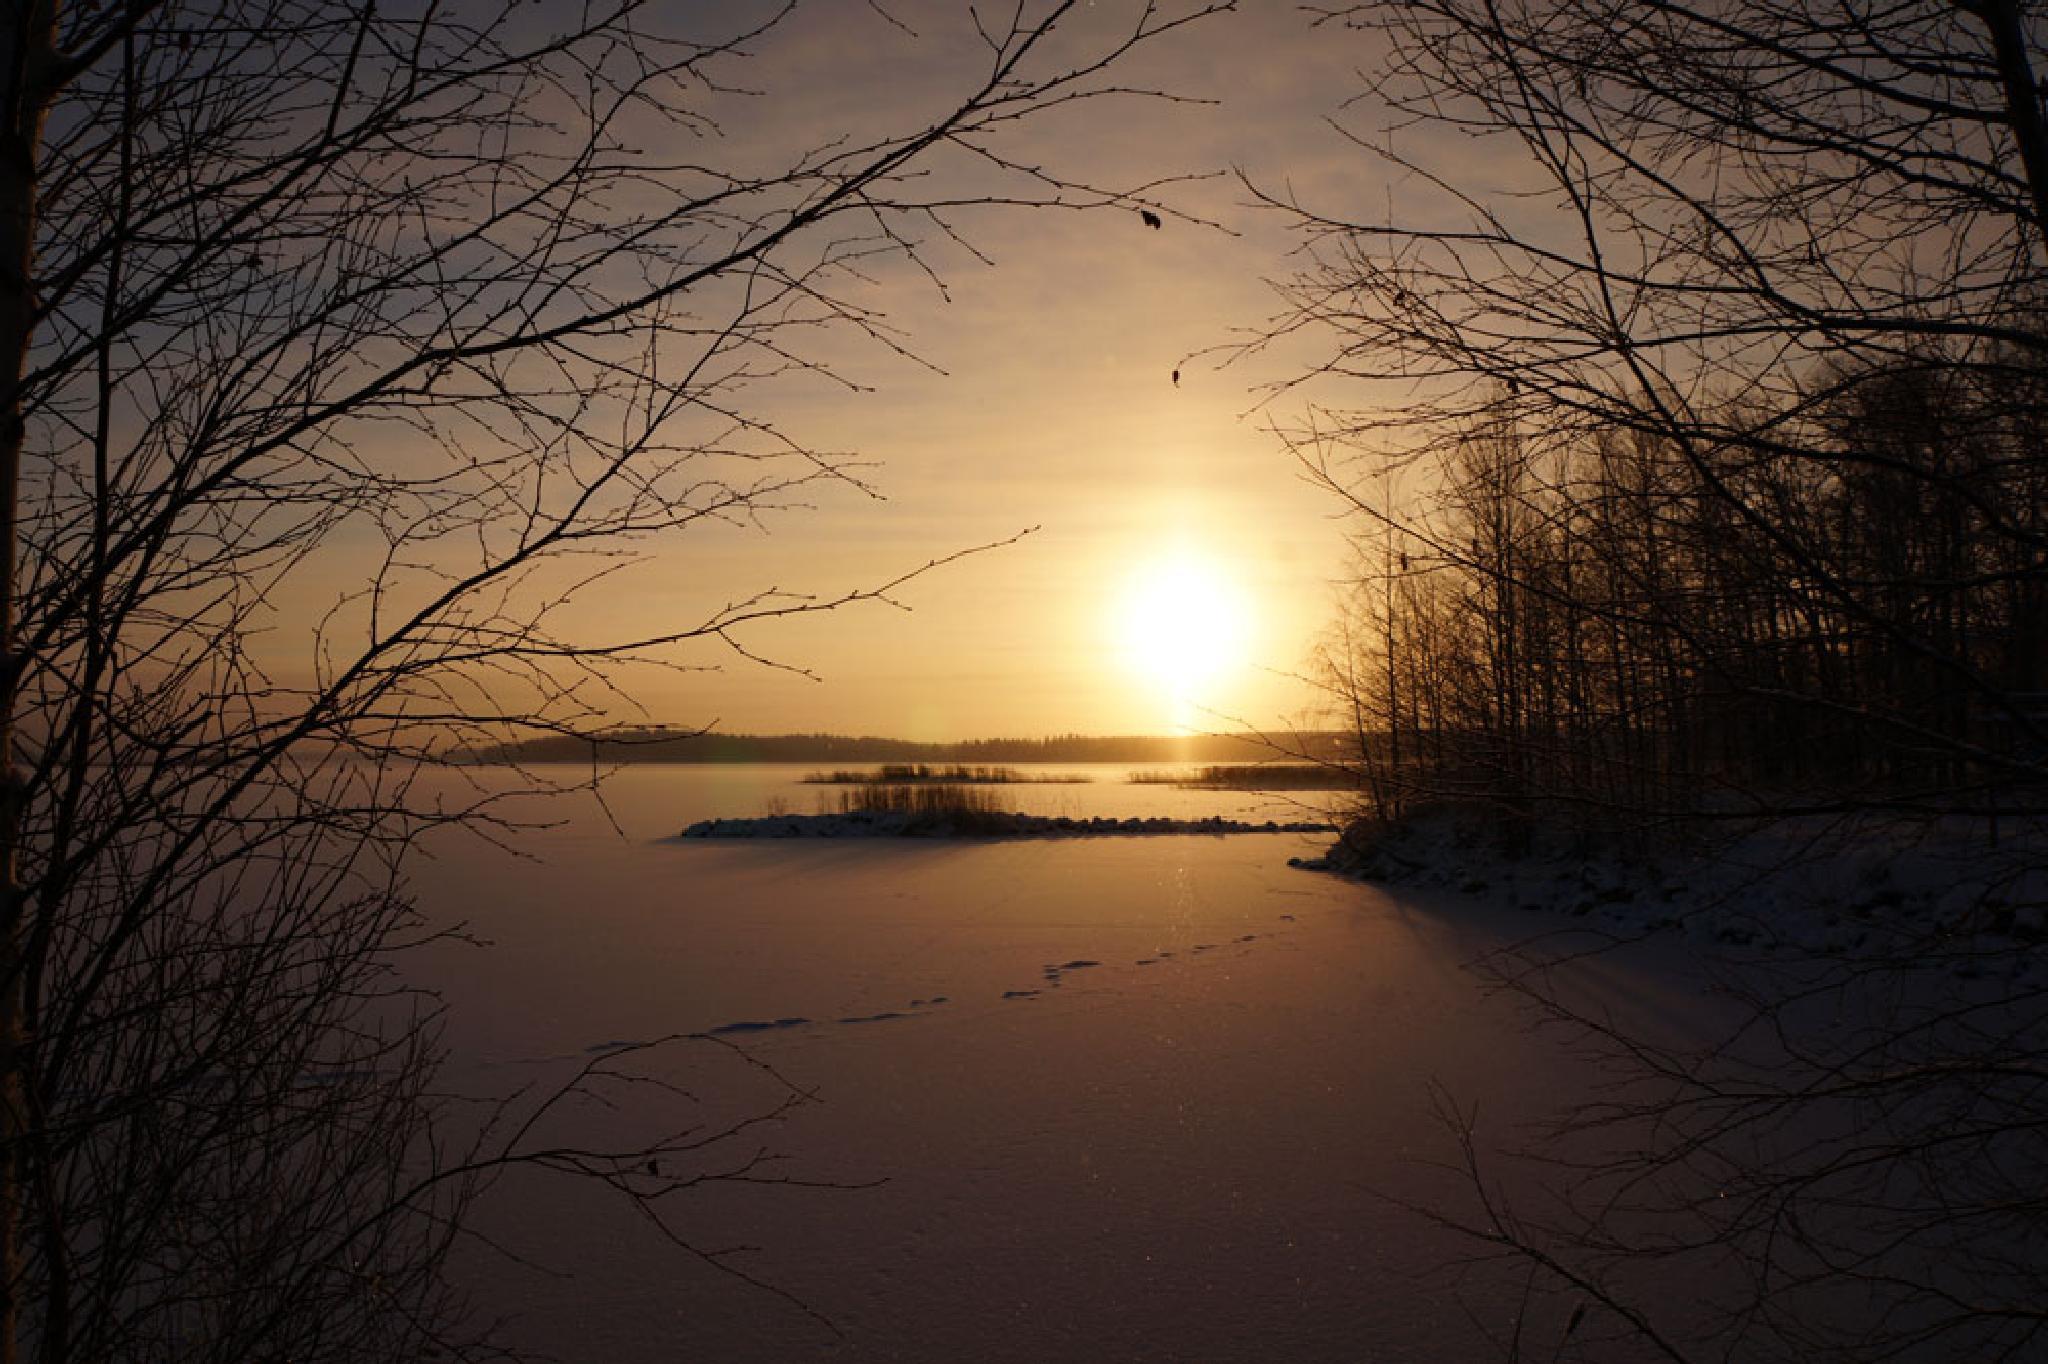 Frozen lake -21 celsius by AnnSoul